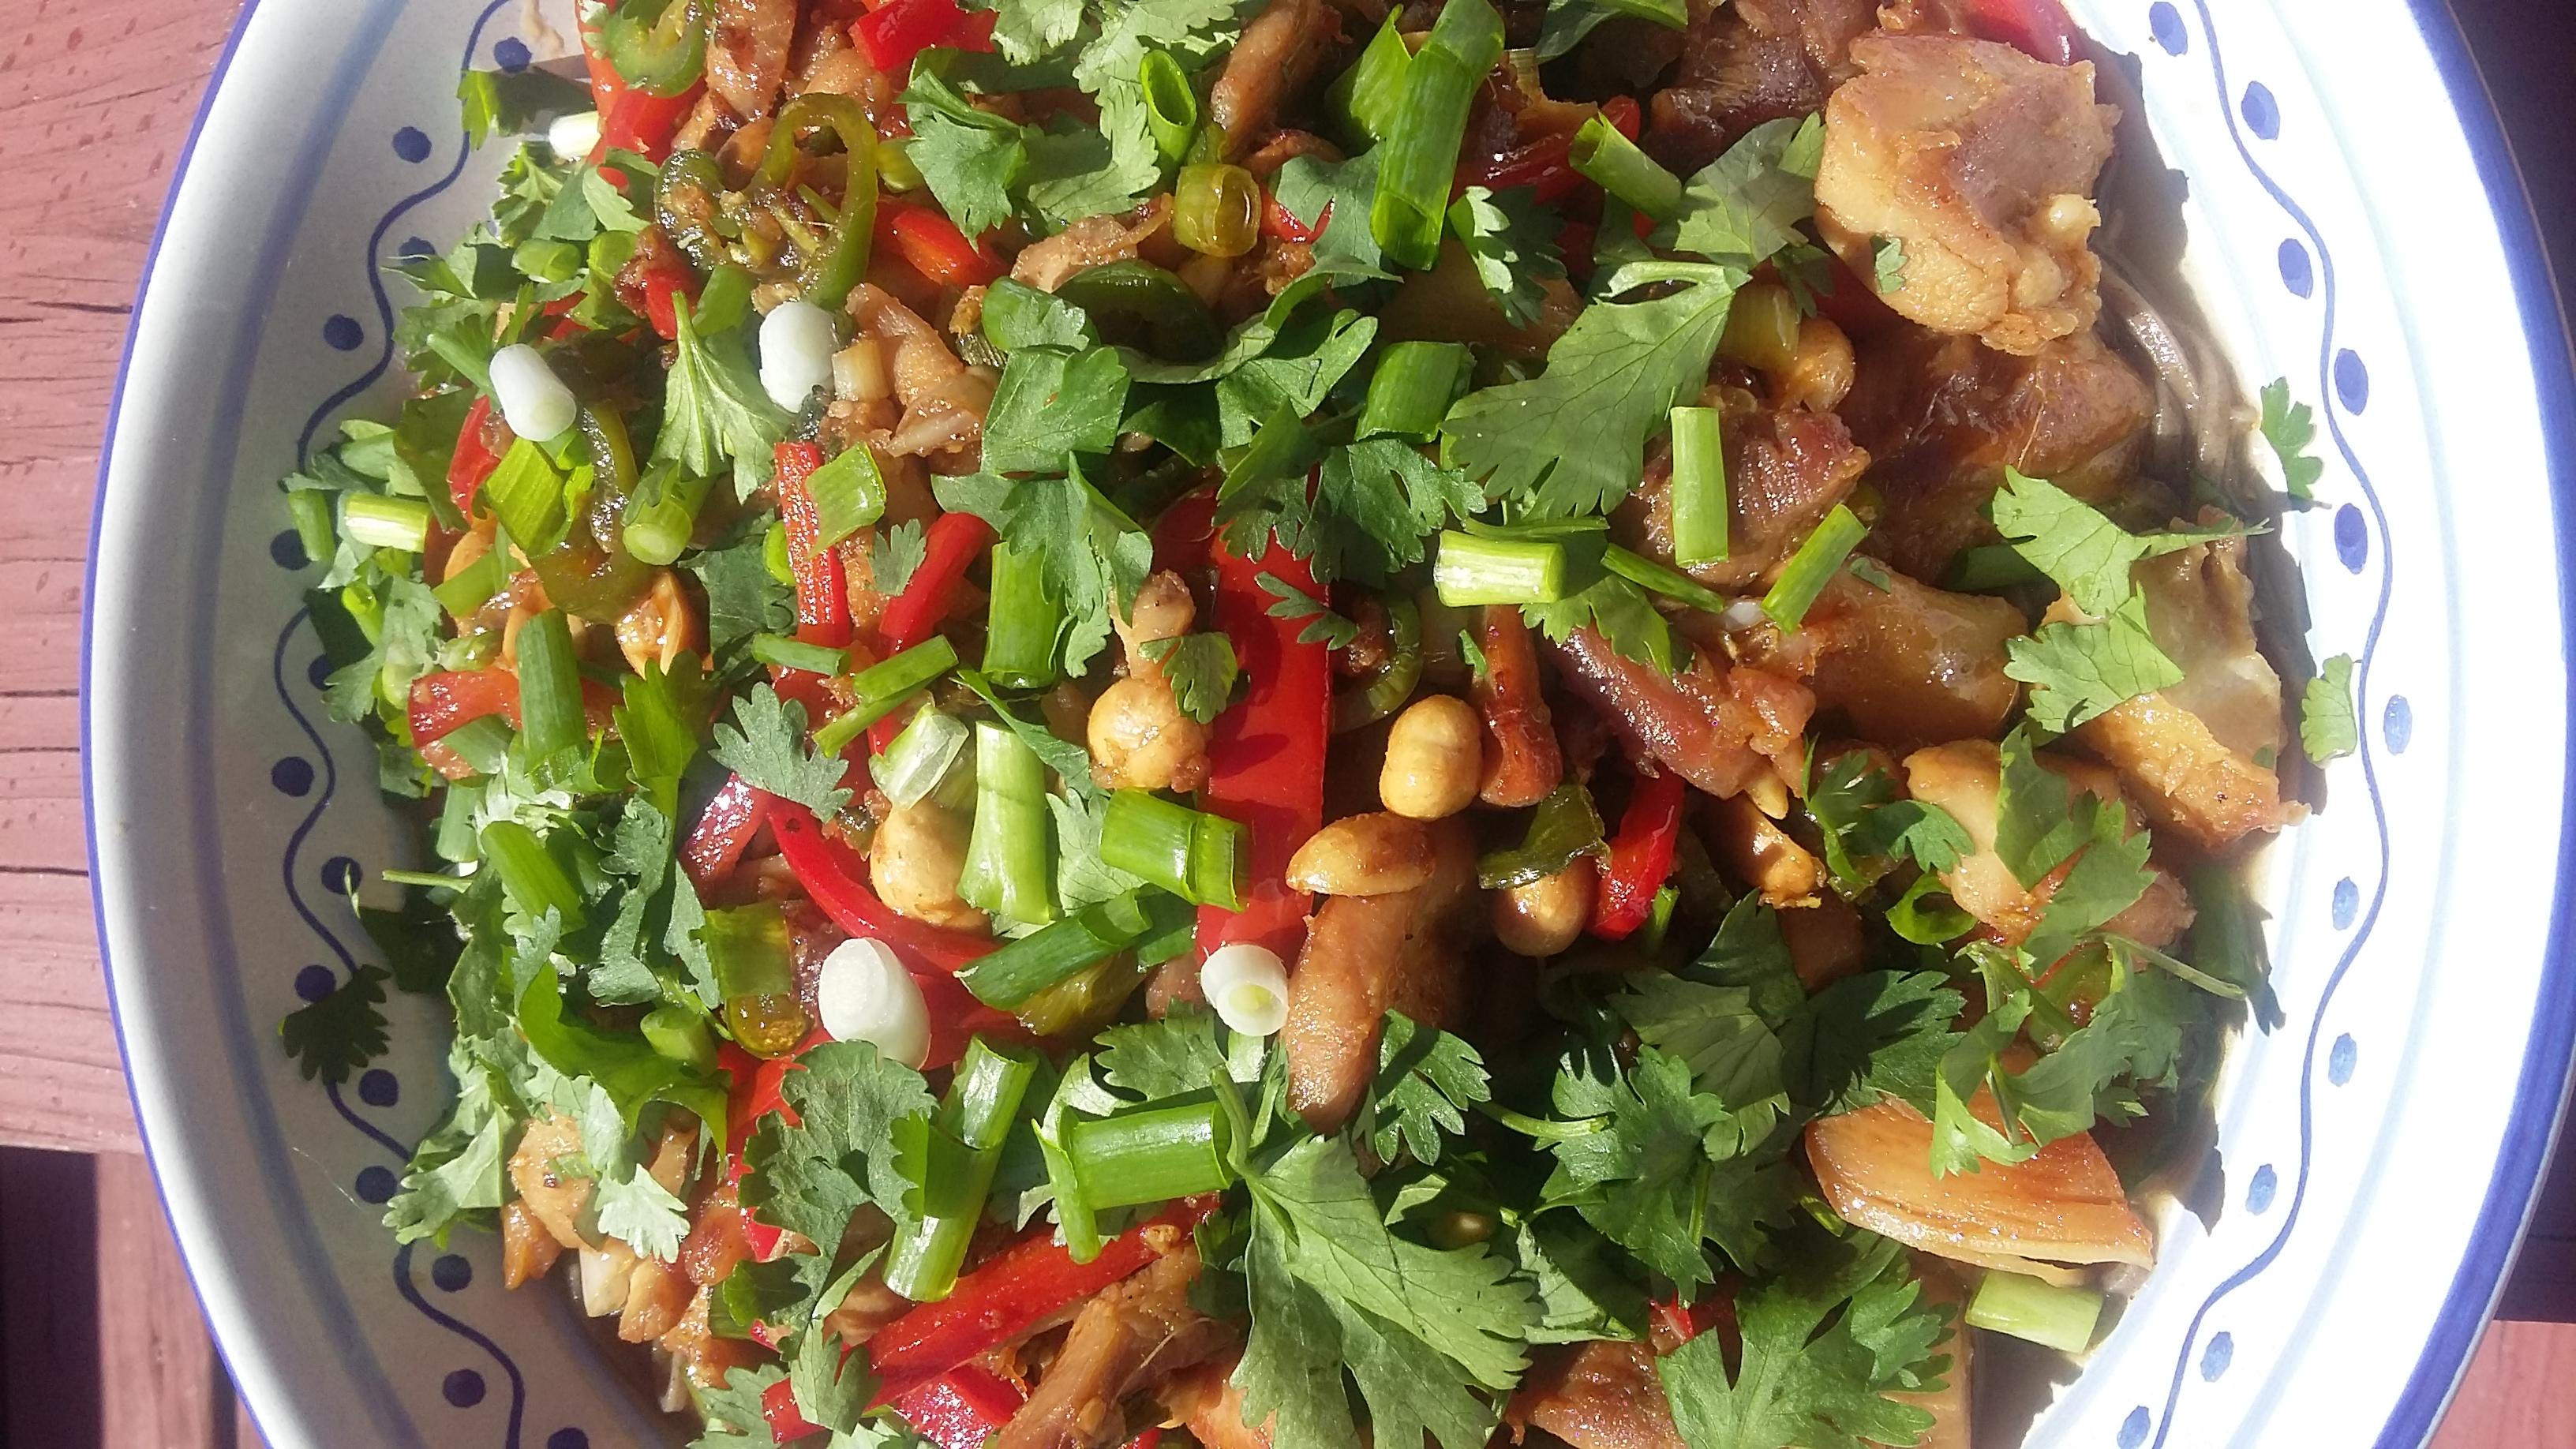 Spicy Caramel Chicken